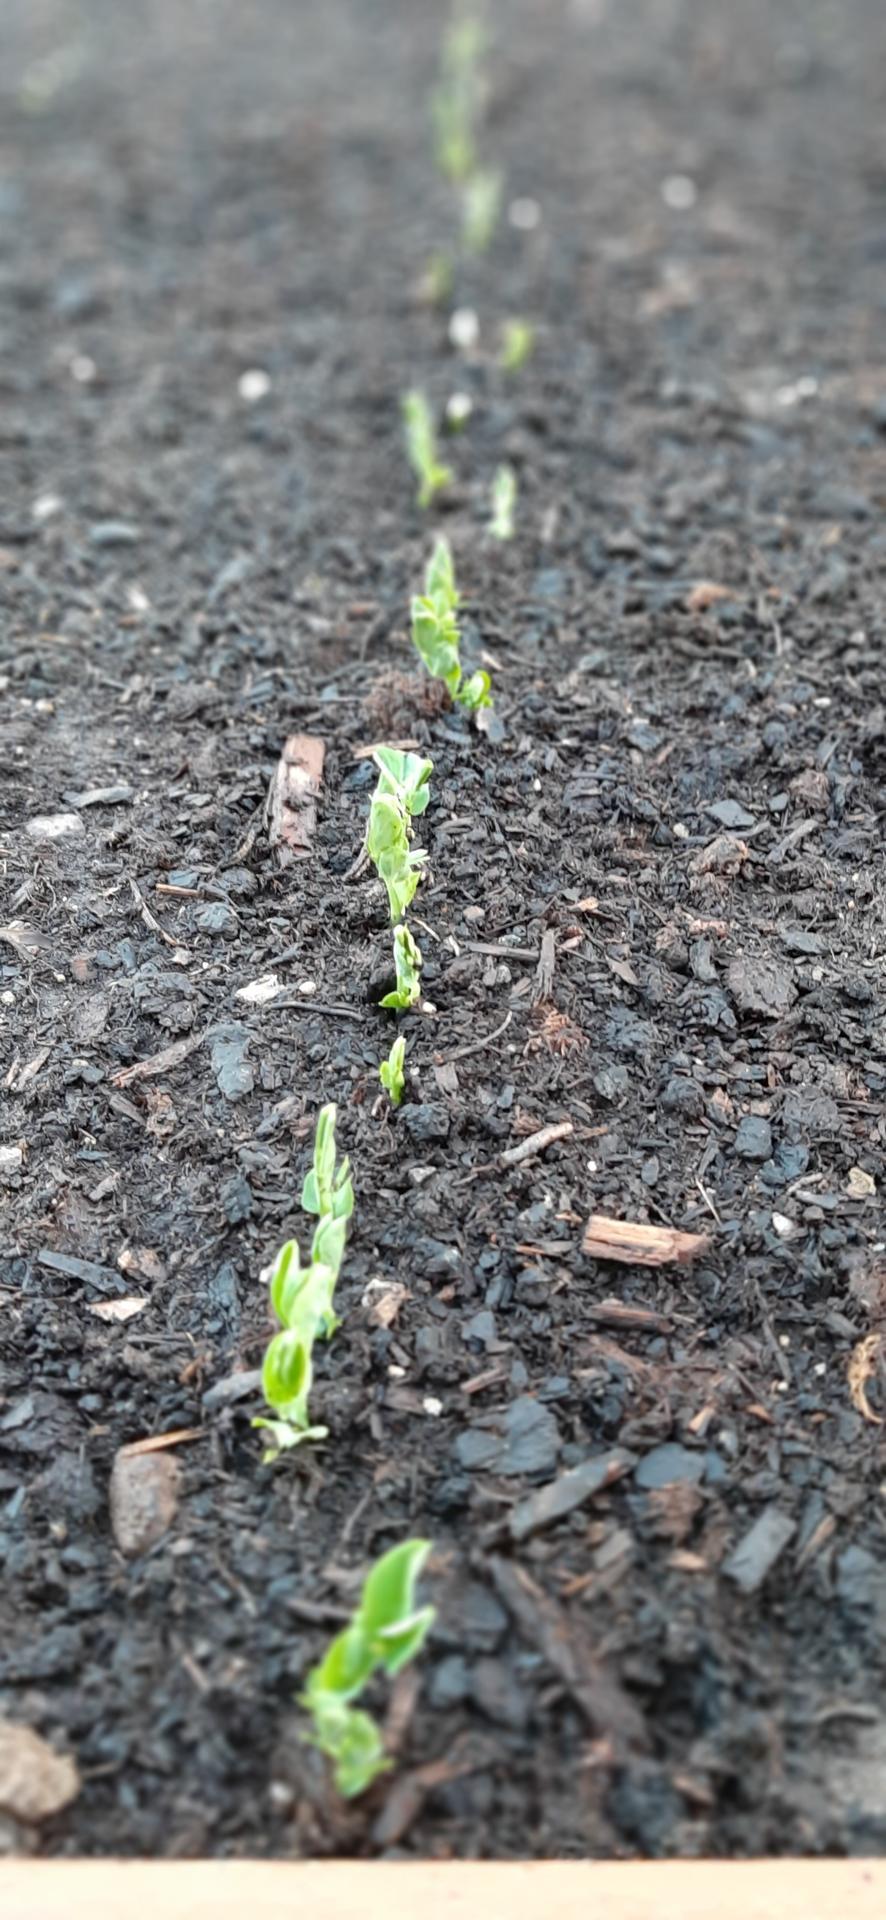 🏠🌞🌺❤🌷 Zahrada a jej dalsi rok...2020 🌱🐞🐛🦋🍓🥕🍅🌺❤ - Hrasok